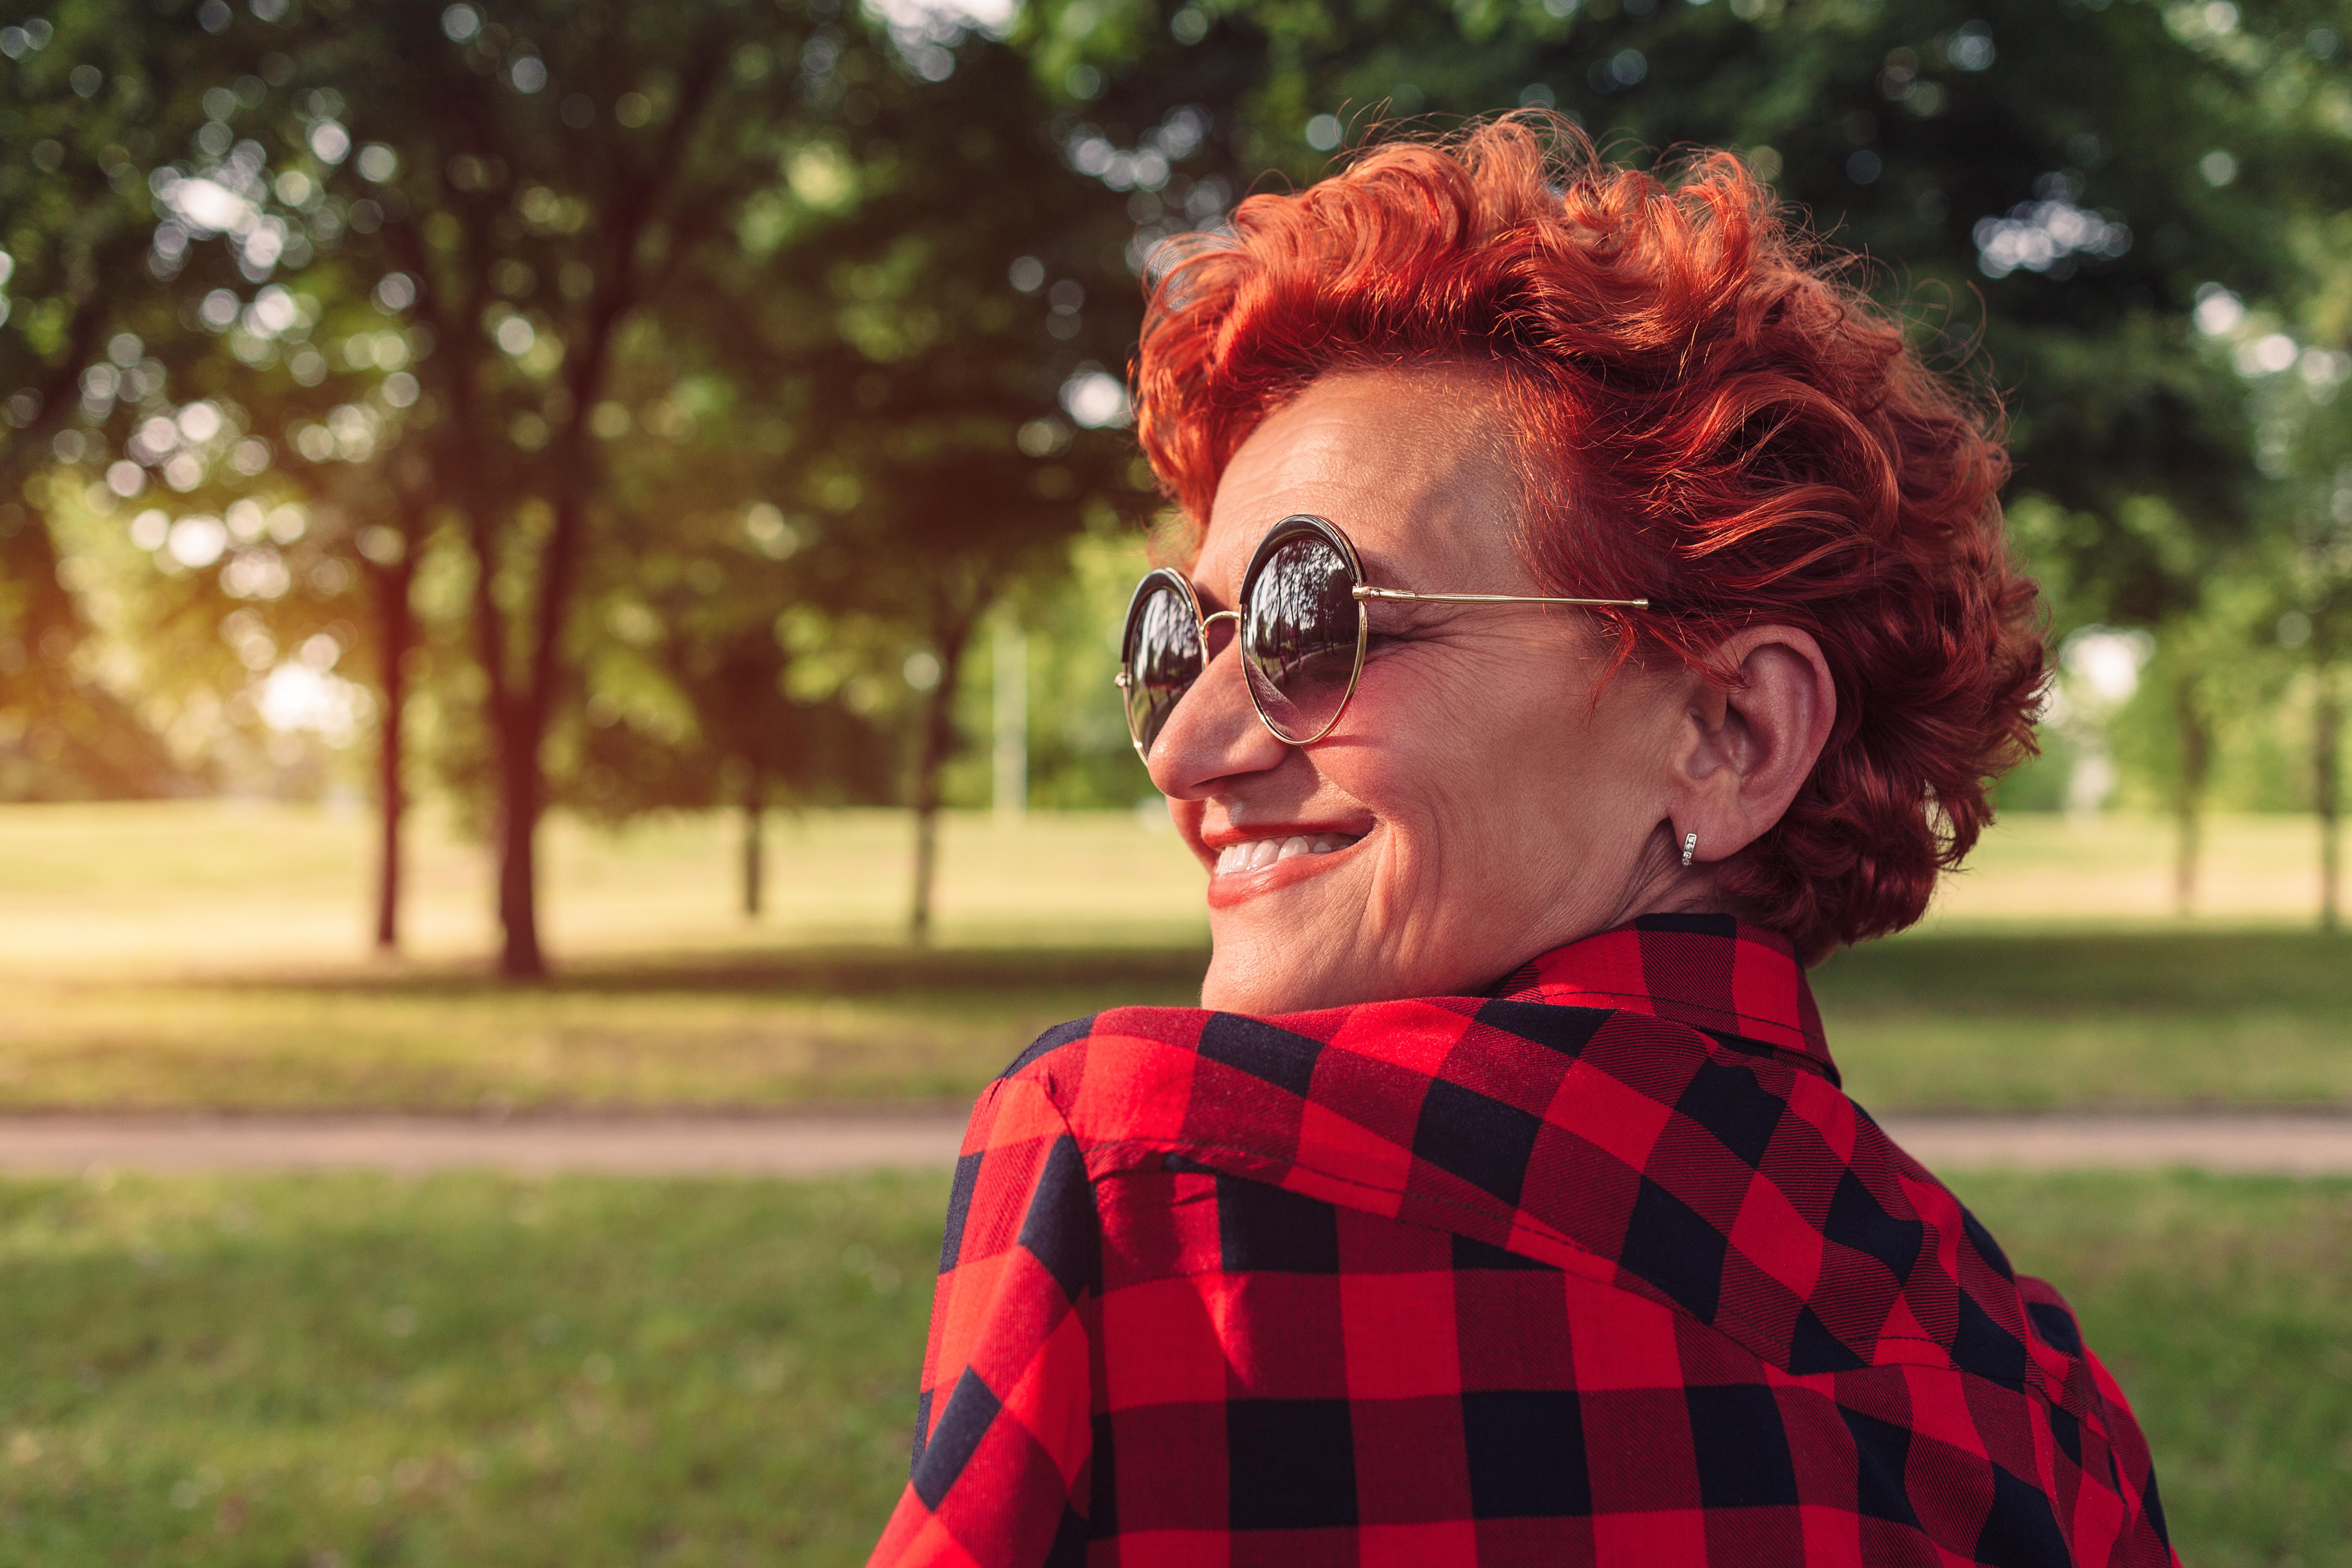 Стрижки, які молодят після 60 років: модні образи на будь-який смак